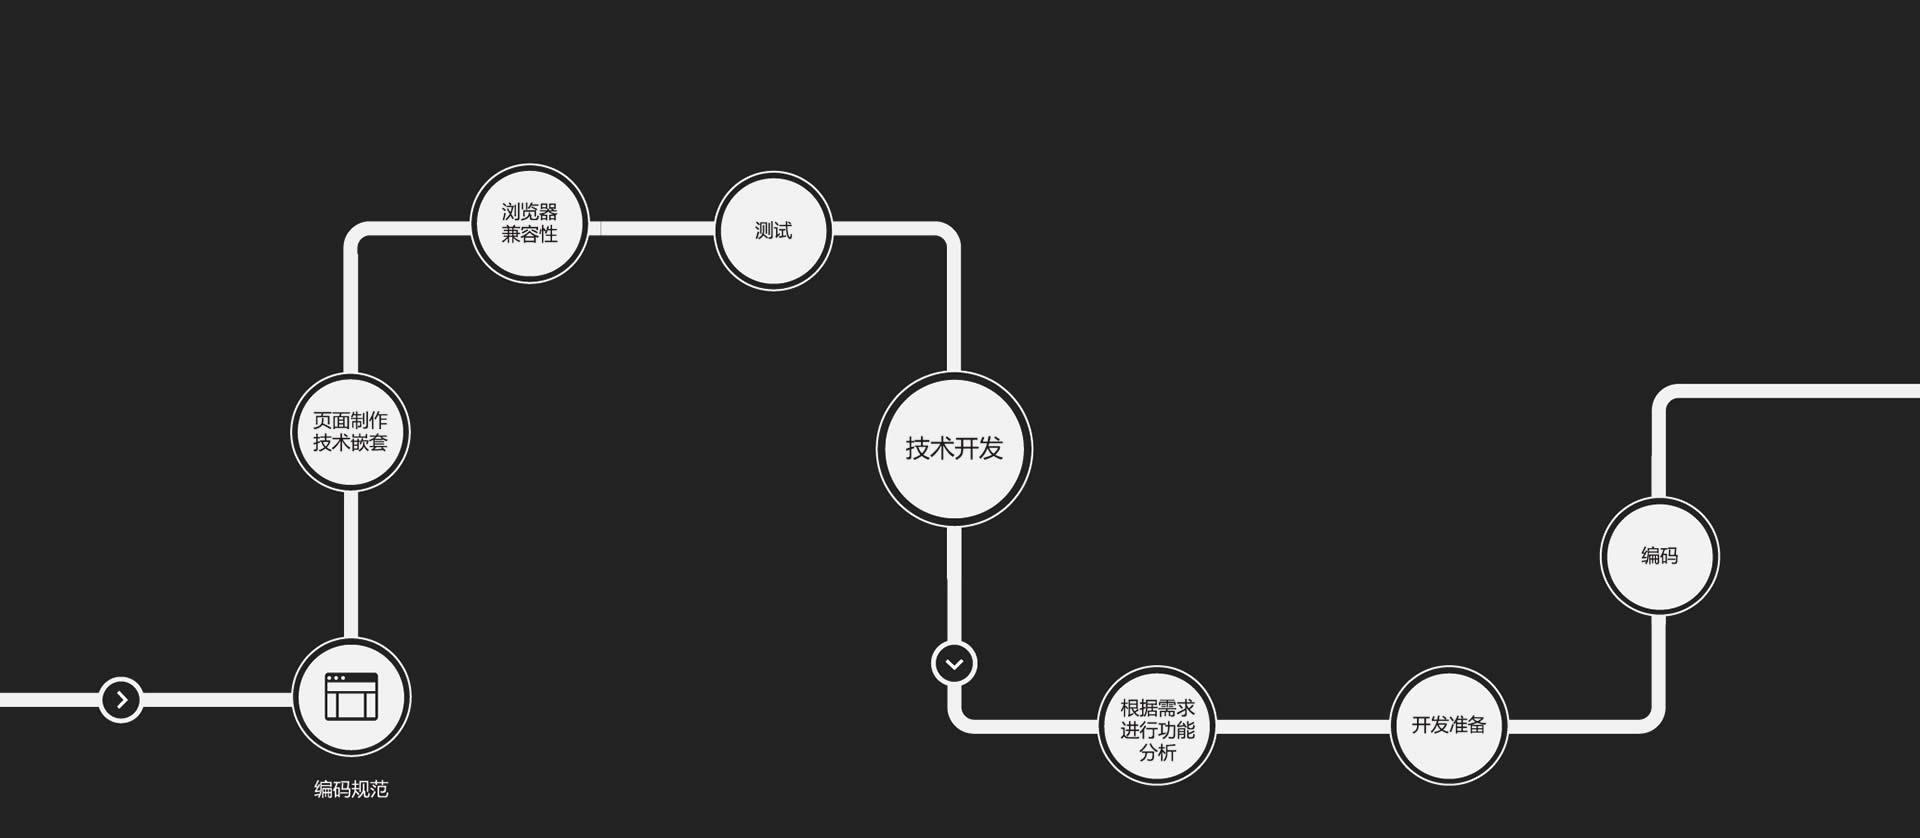 竞博电竞app下载建设流程